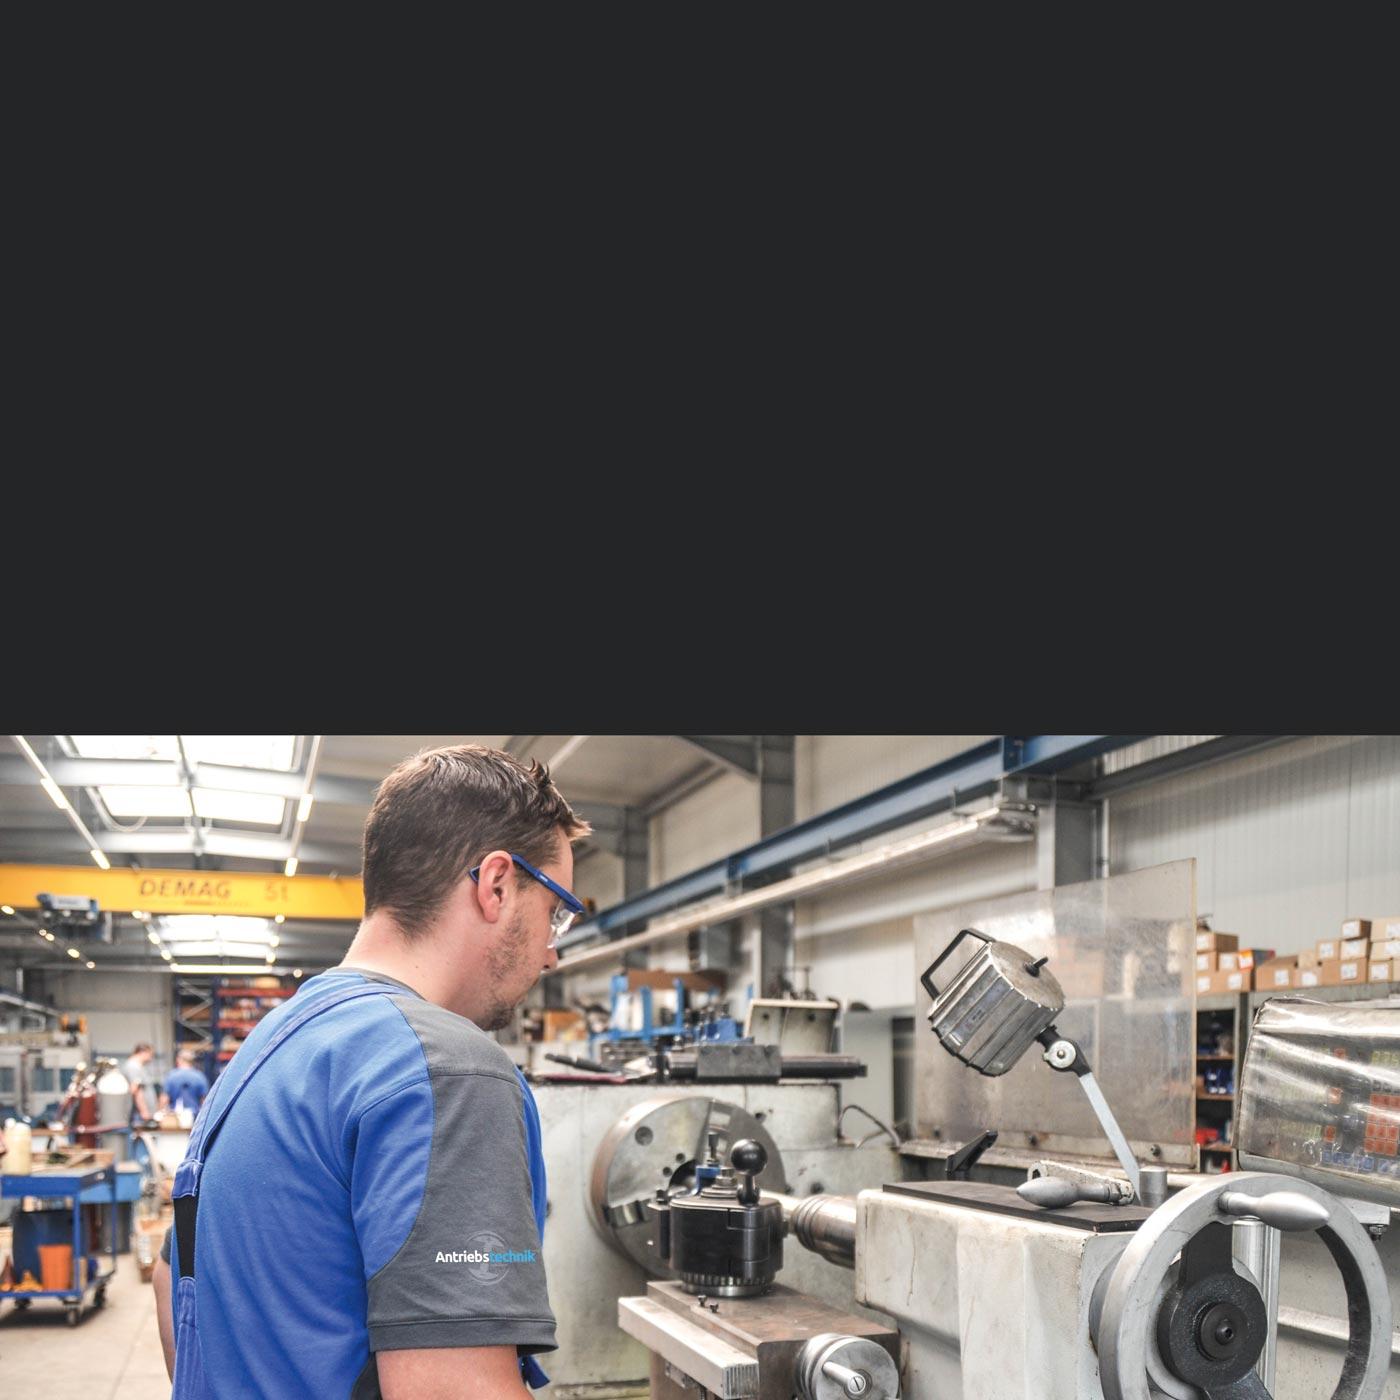 Antriebstechnik Halle GmbH